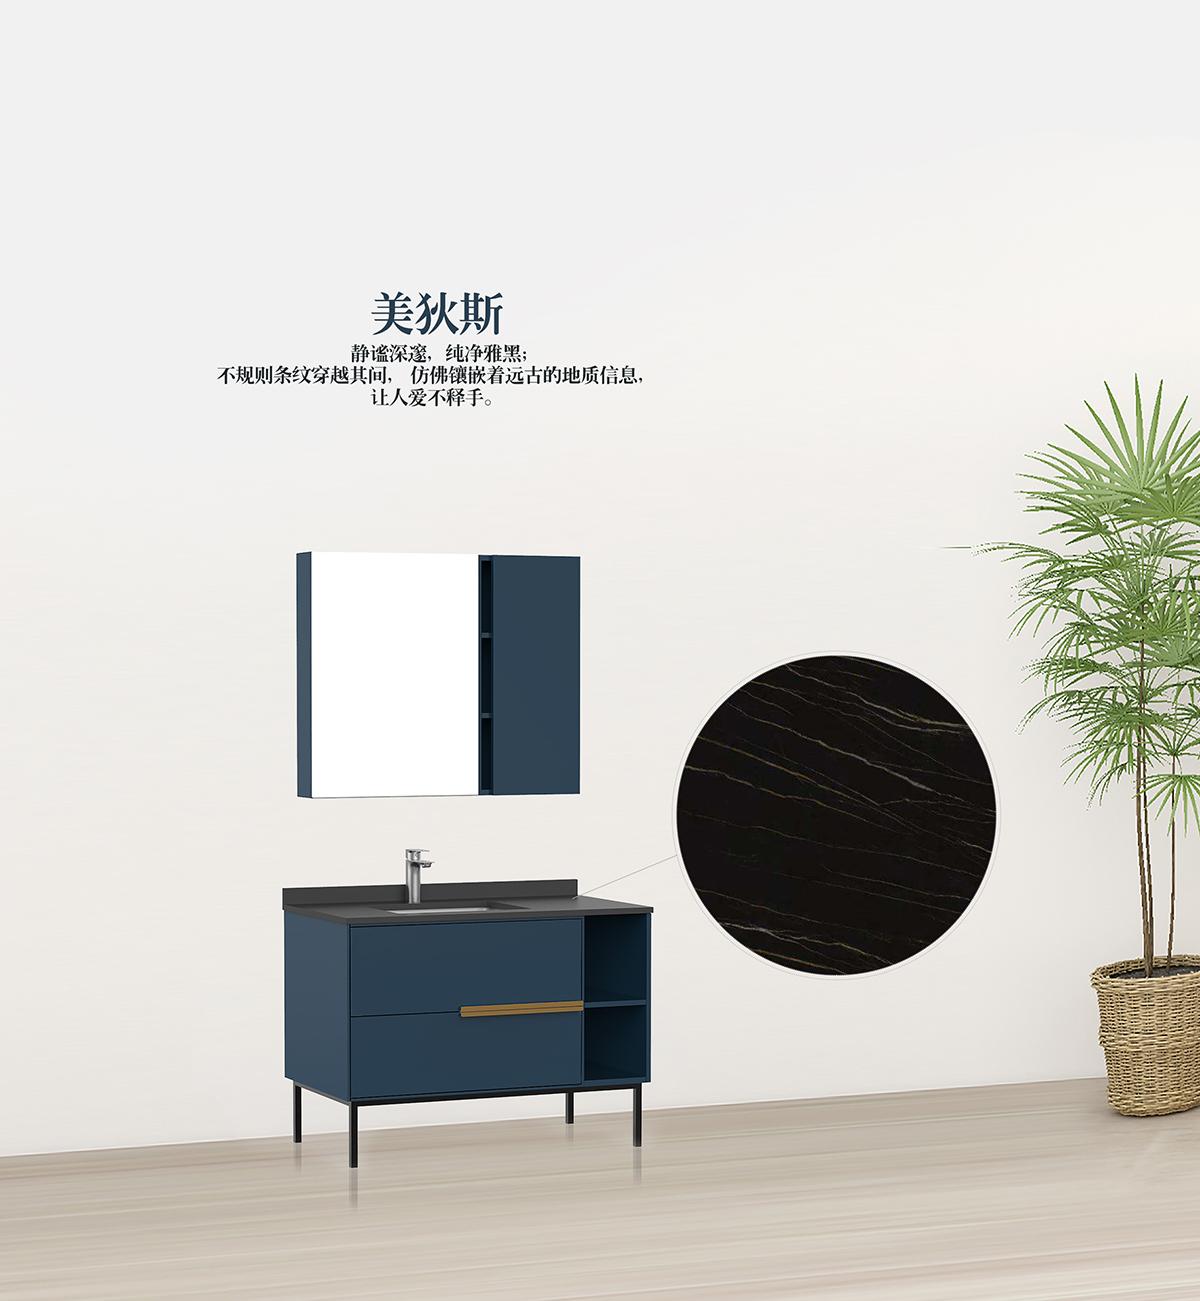 美狄斯浴室柜+莎罗兰岩板